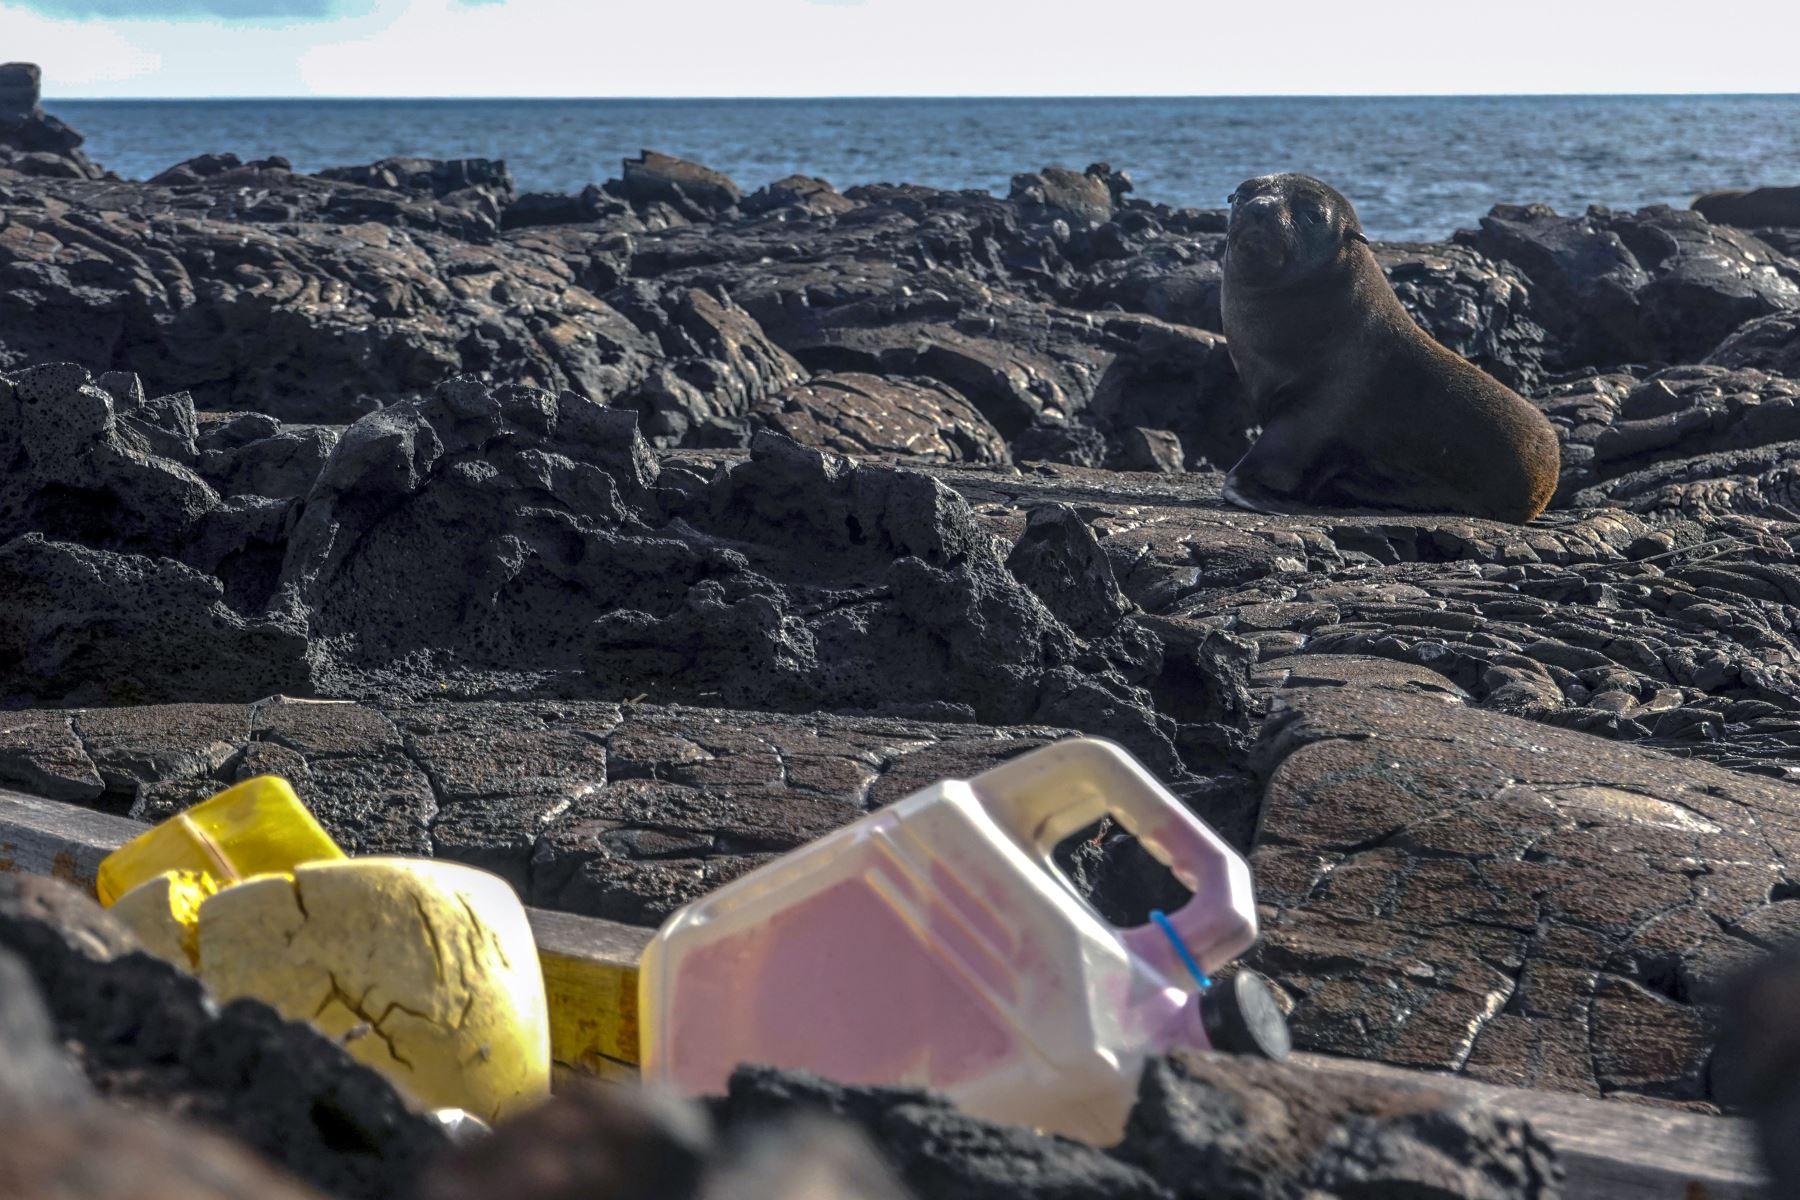 Un lobo marino de Galápagos (Arctocephalus galapagoensis) descansa cerca de una franja de basura en la costa de la Isla Isabela en el Archipiélago de Galápagos en el Océano Pacífico a 1000 km de la costa de Ecuador.Foto:AFP